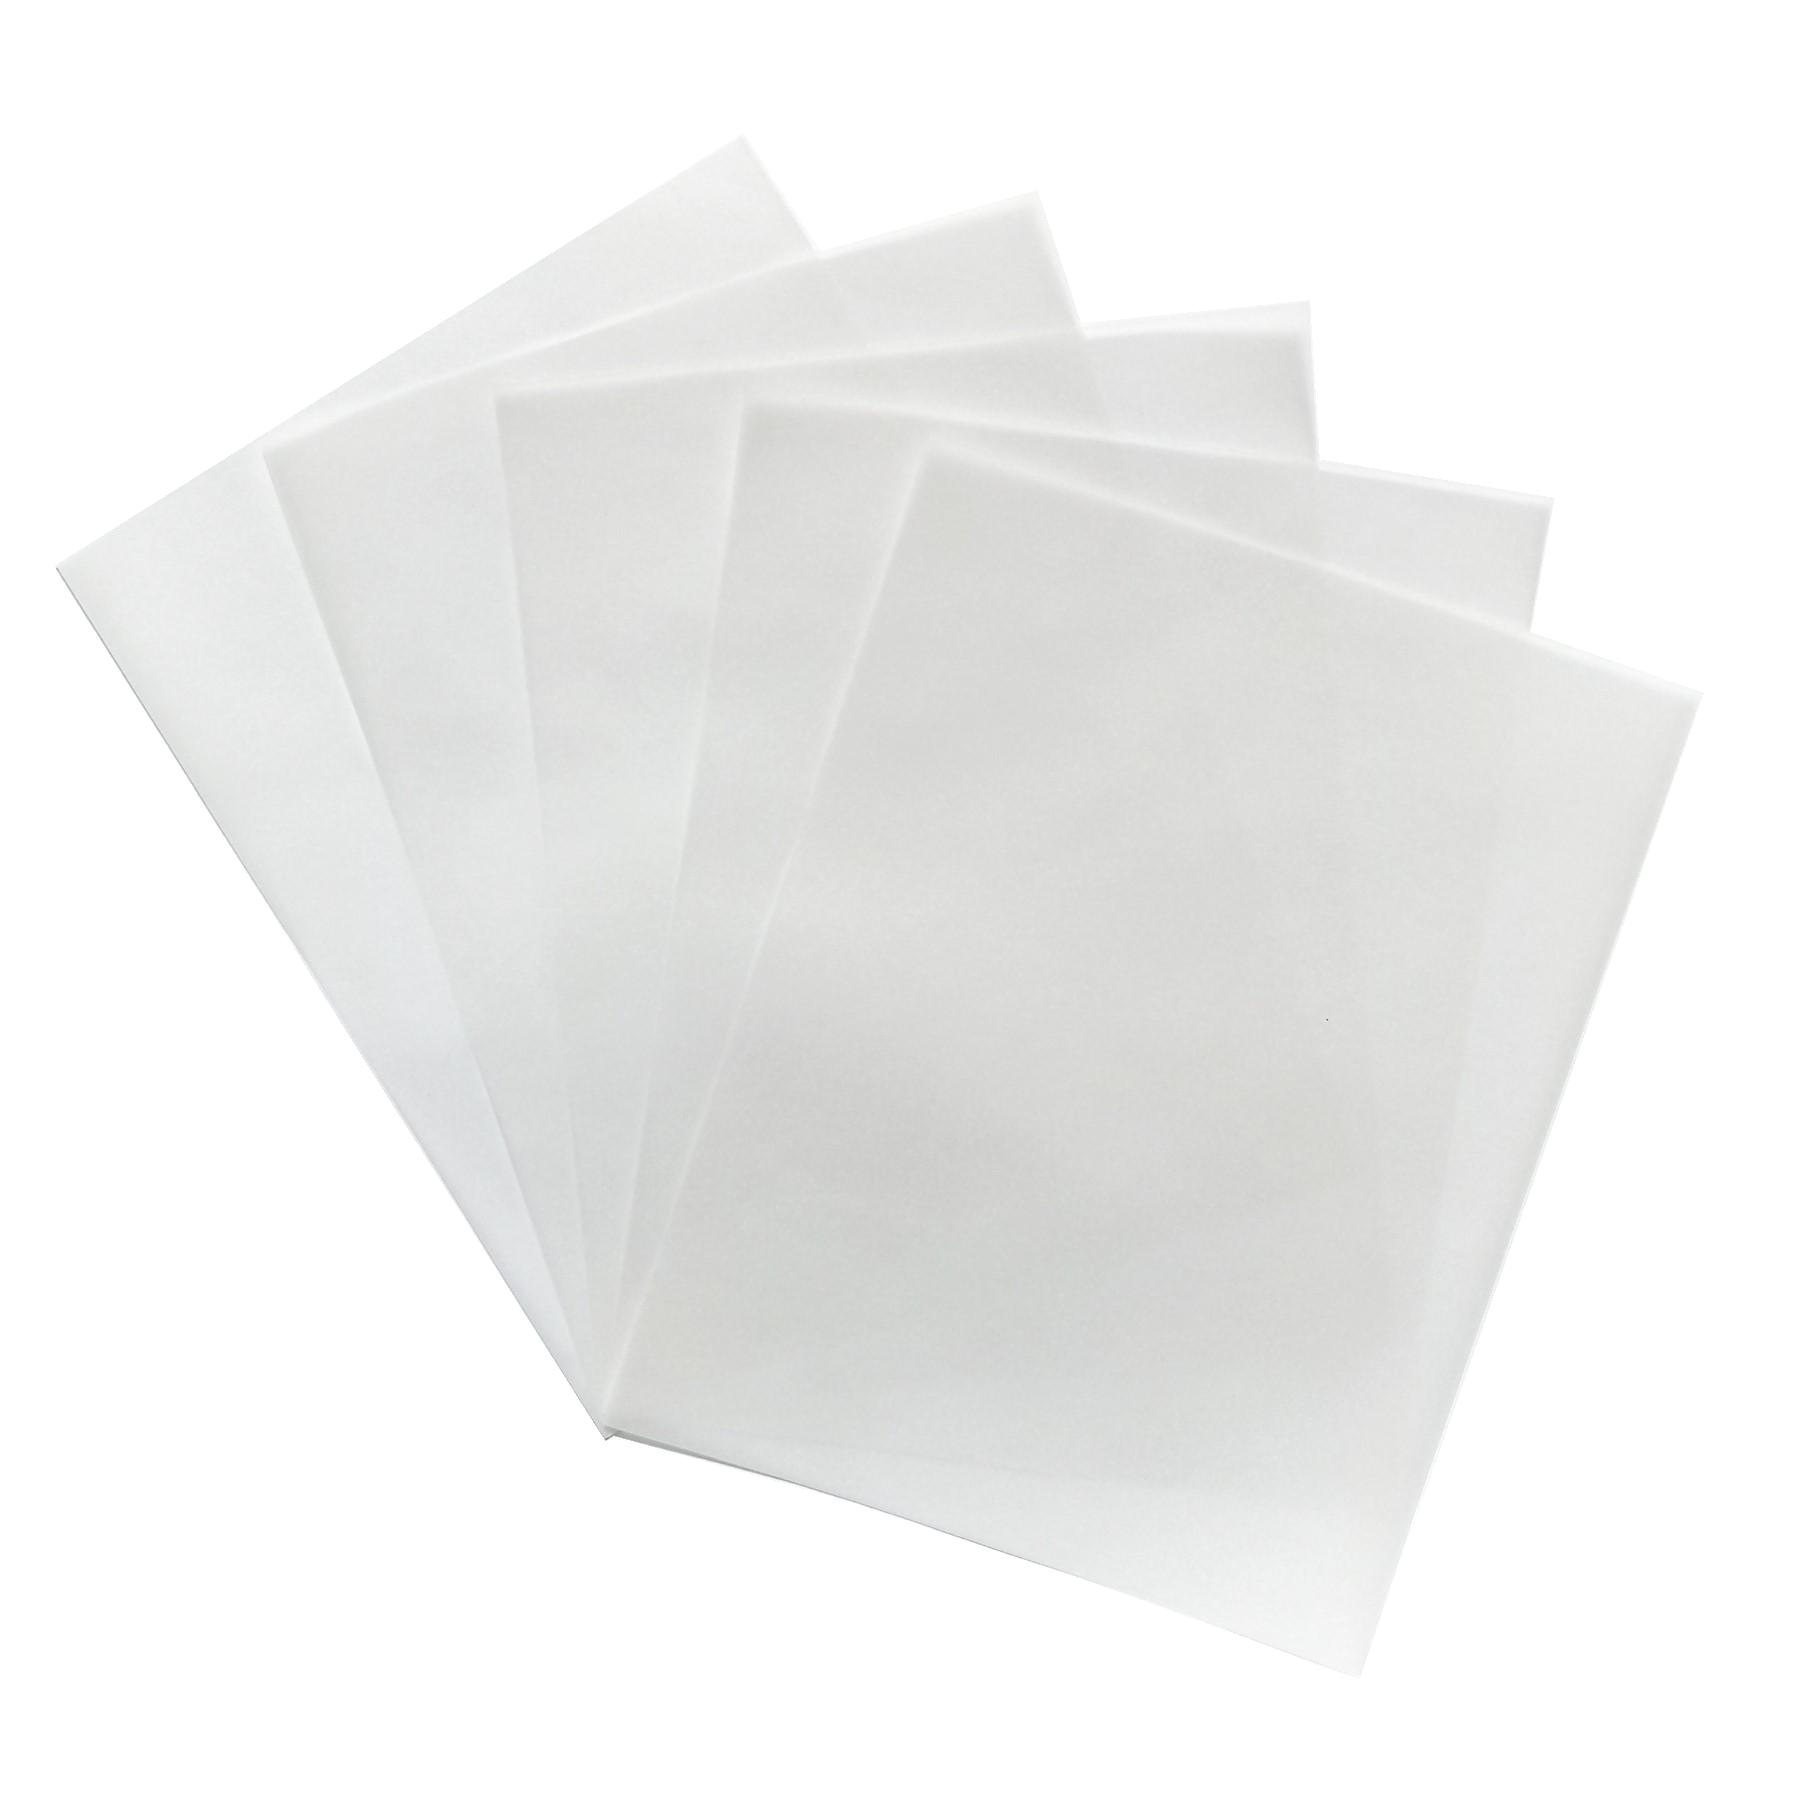 Papel pergamino 93 grs. 20 hojas carta